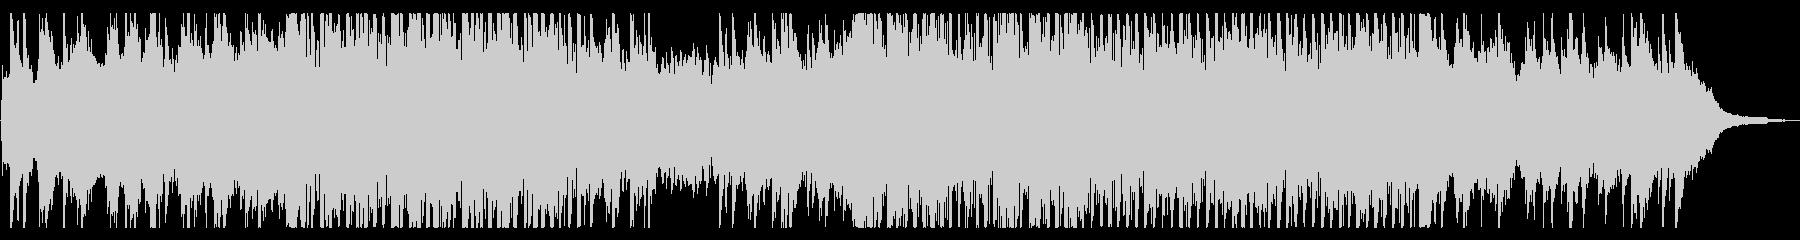 ピアノとバイオリンのアンビエントの未再生の波形